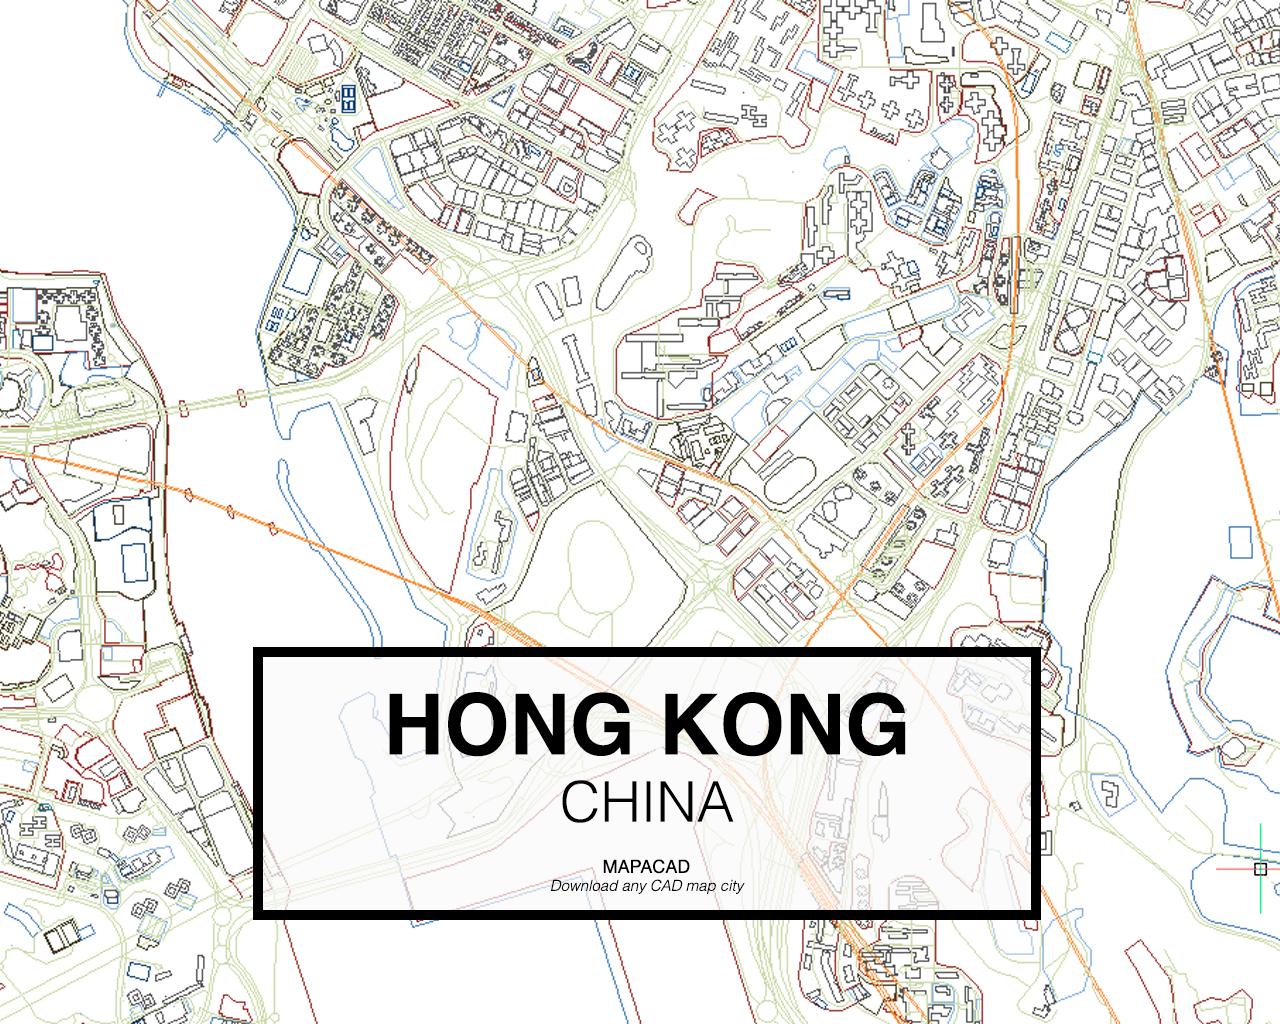 Download hong kong dwg mapacad hong kong china 03 mapacad download map cad gumiabroncs Choice Image